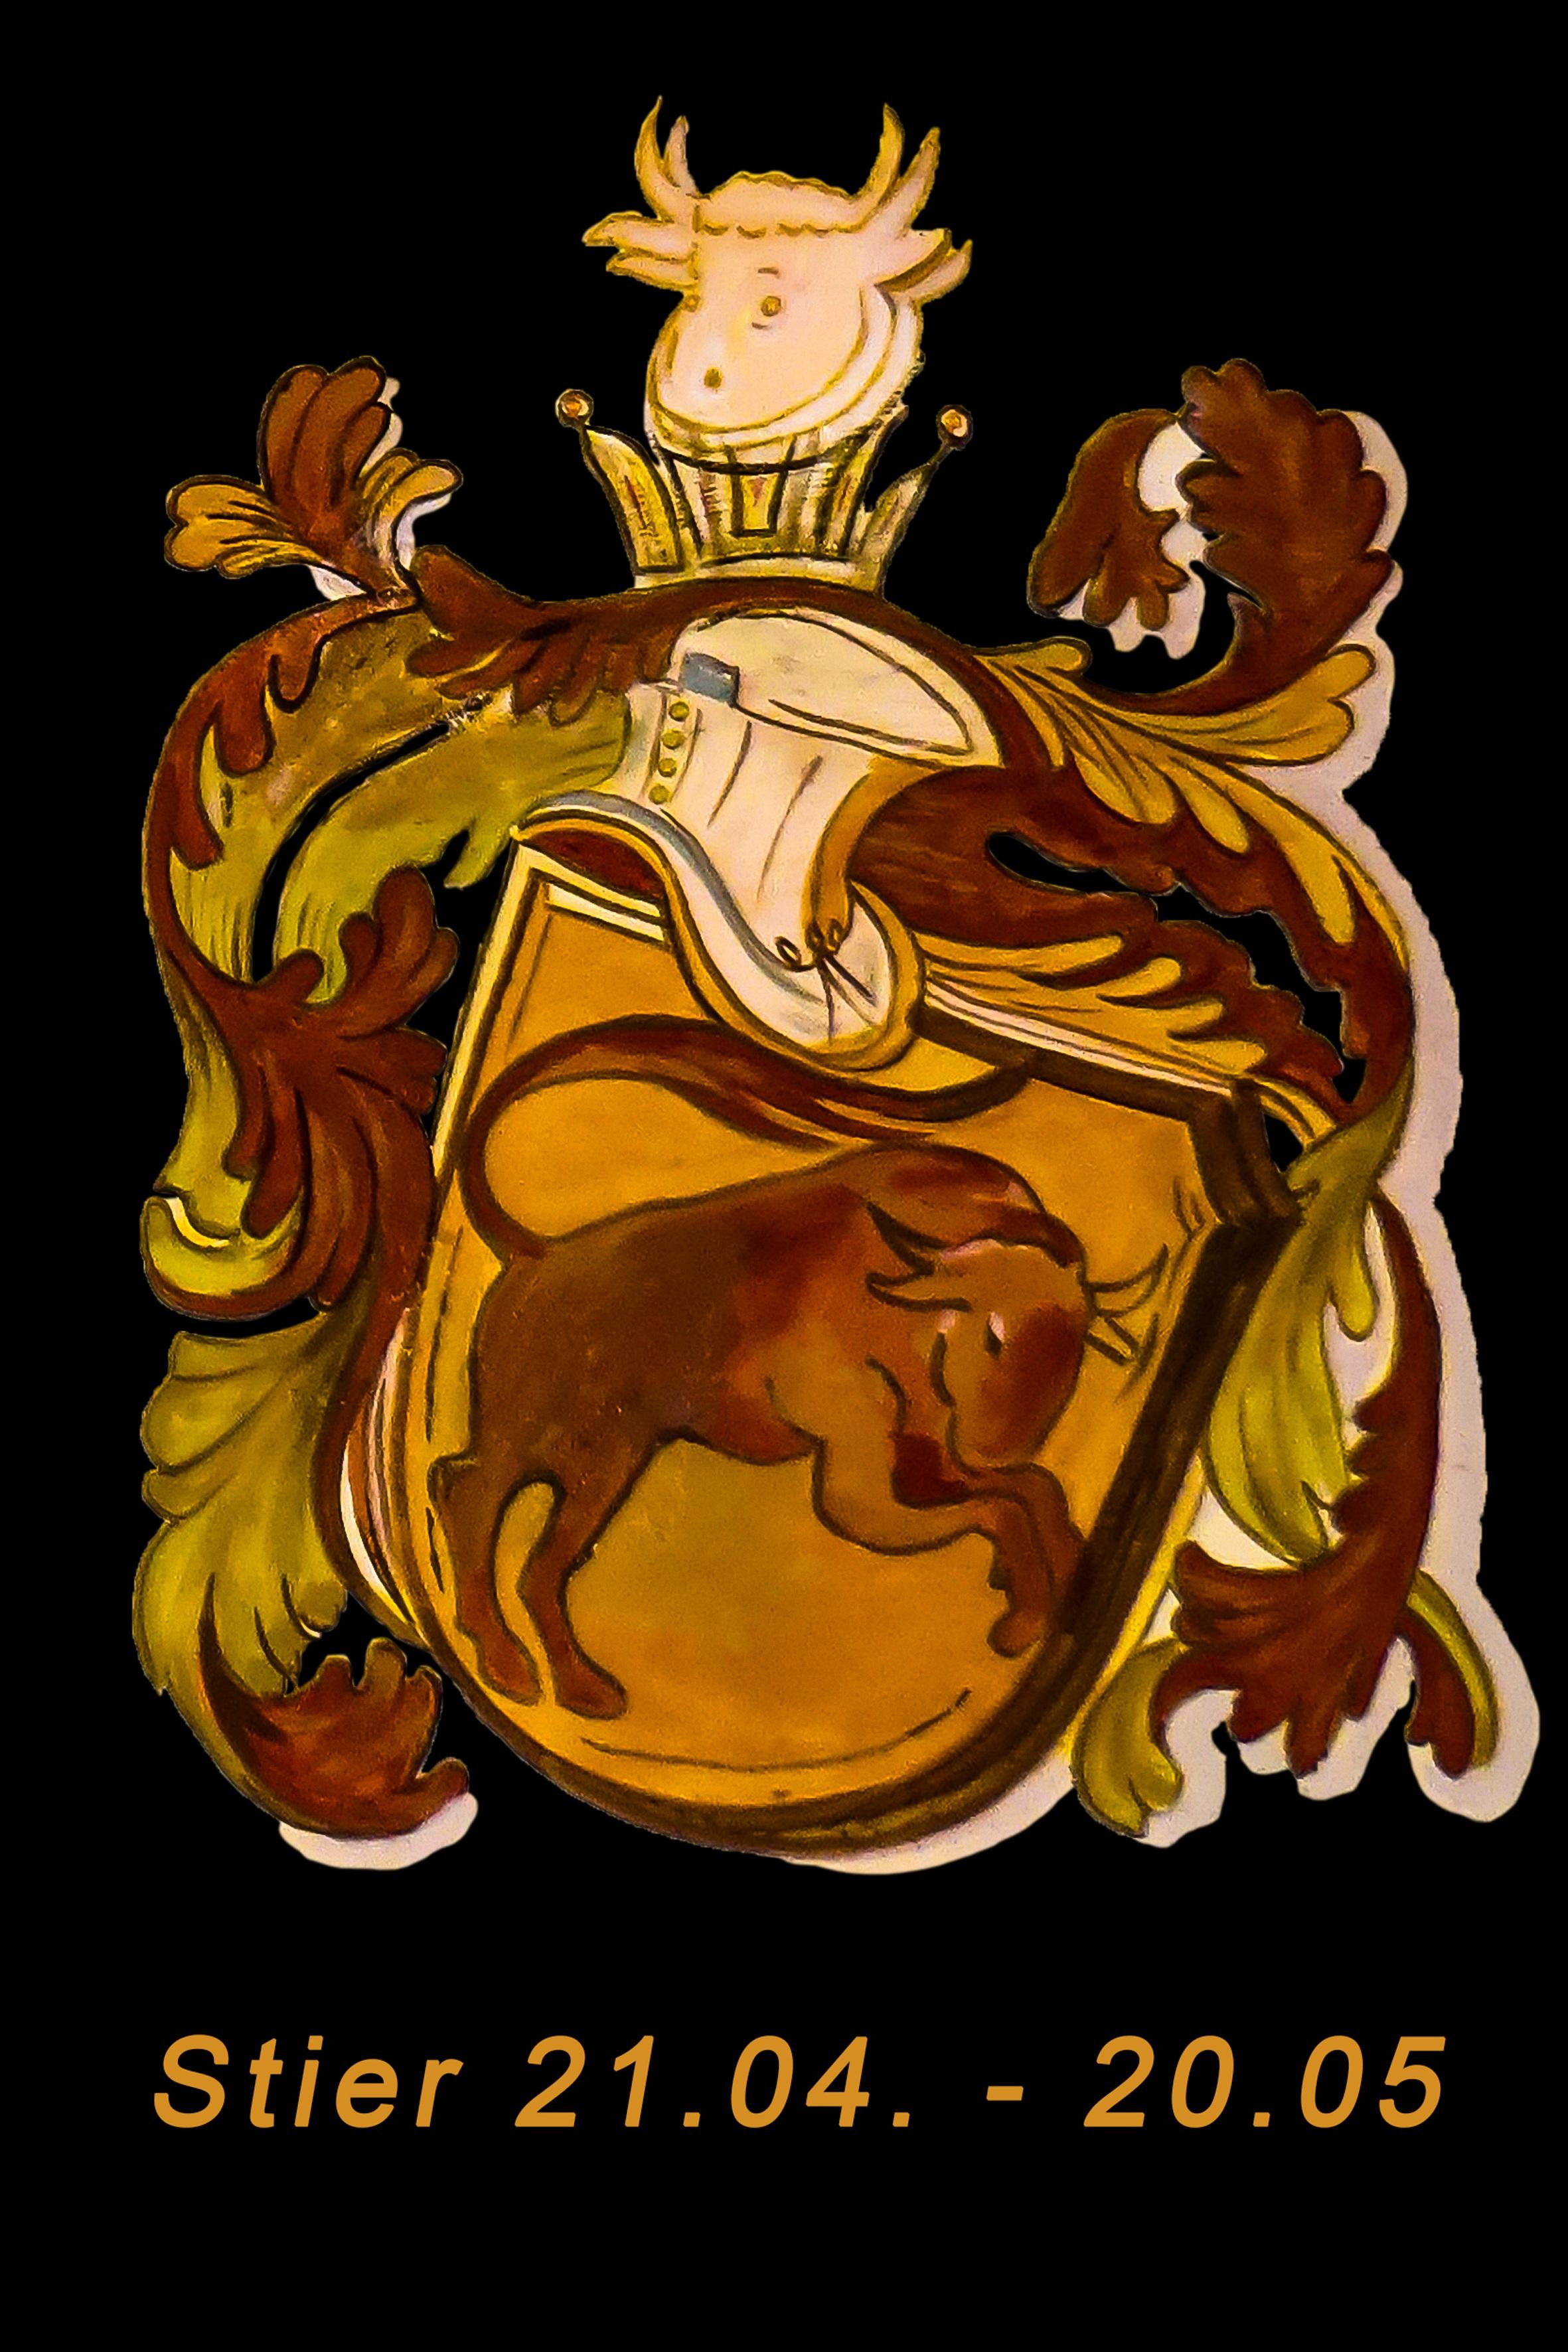 d41982c6a60f symbole astrologie taureau illustration affiche la chance dessin animé  personnages mythologie interprétation nouvel Age horoscope Icône